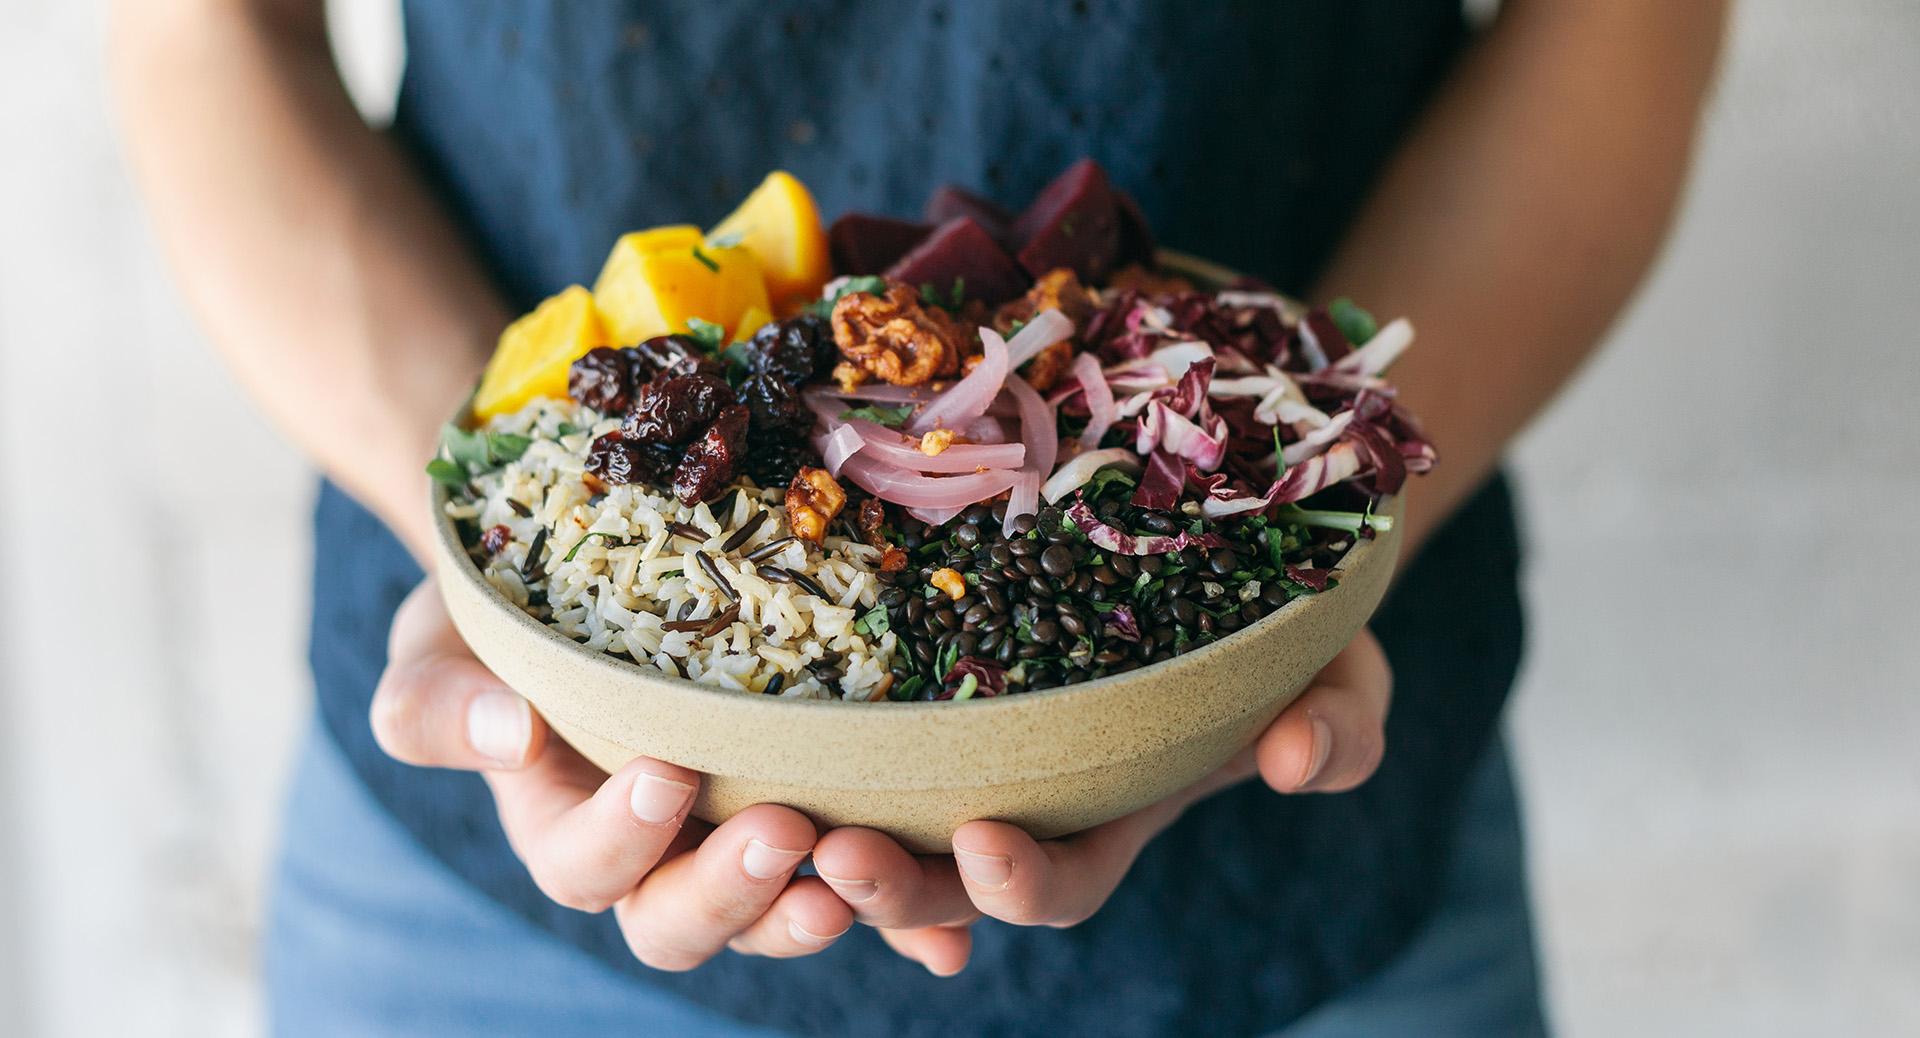 El piloto automático de dieta Thistle recauda $ 5 millones para suscripciones de alimentos saludables 3